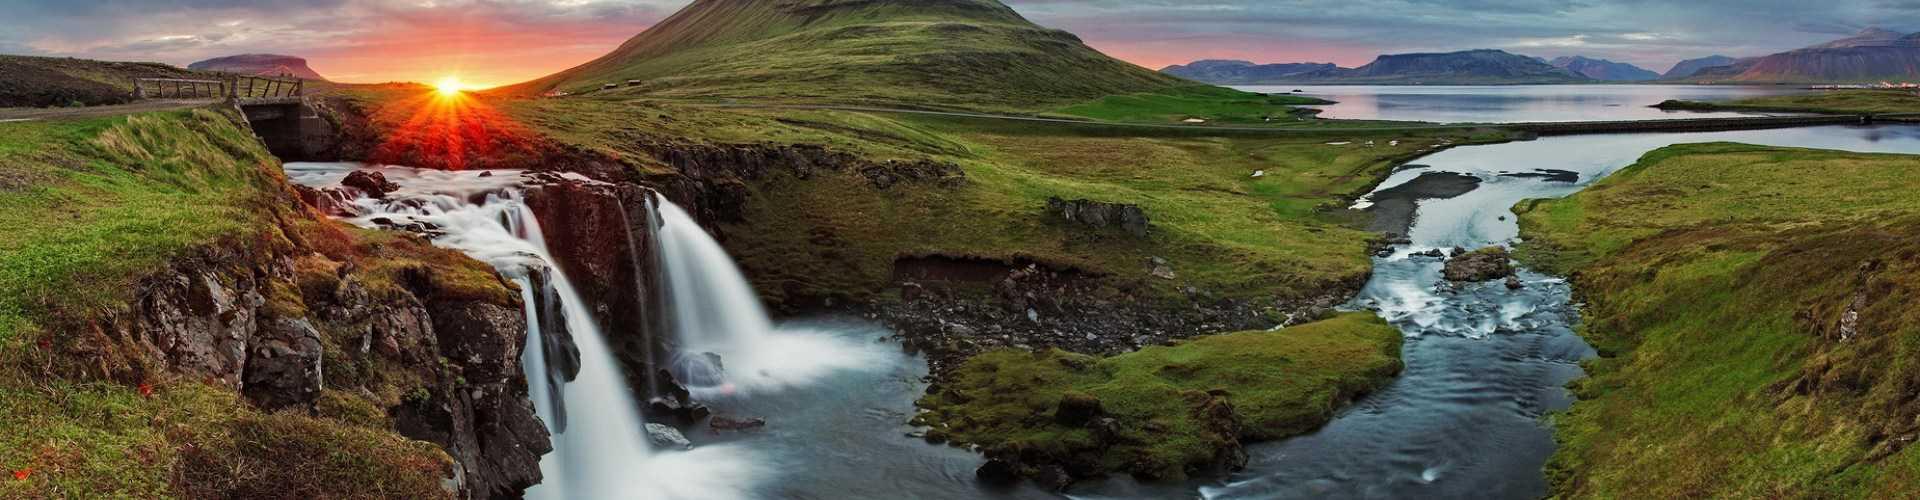 Wanderreisen auf Island erleben